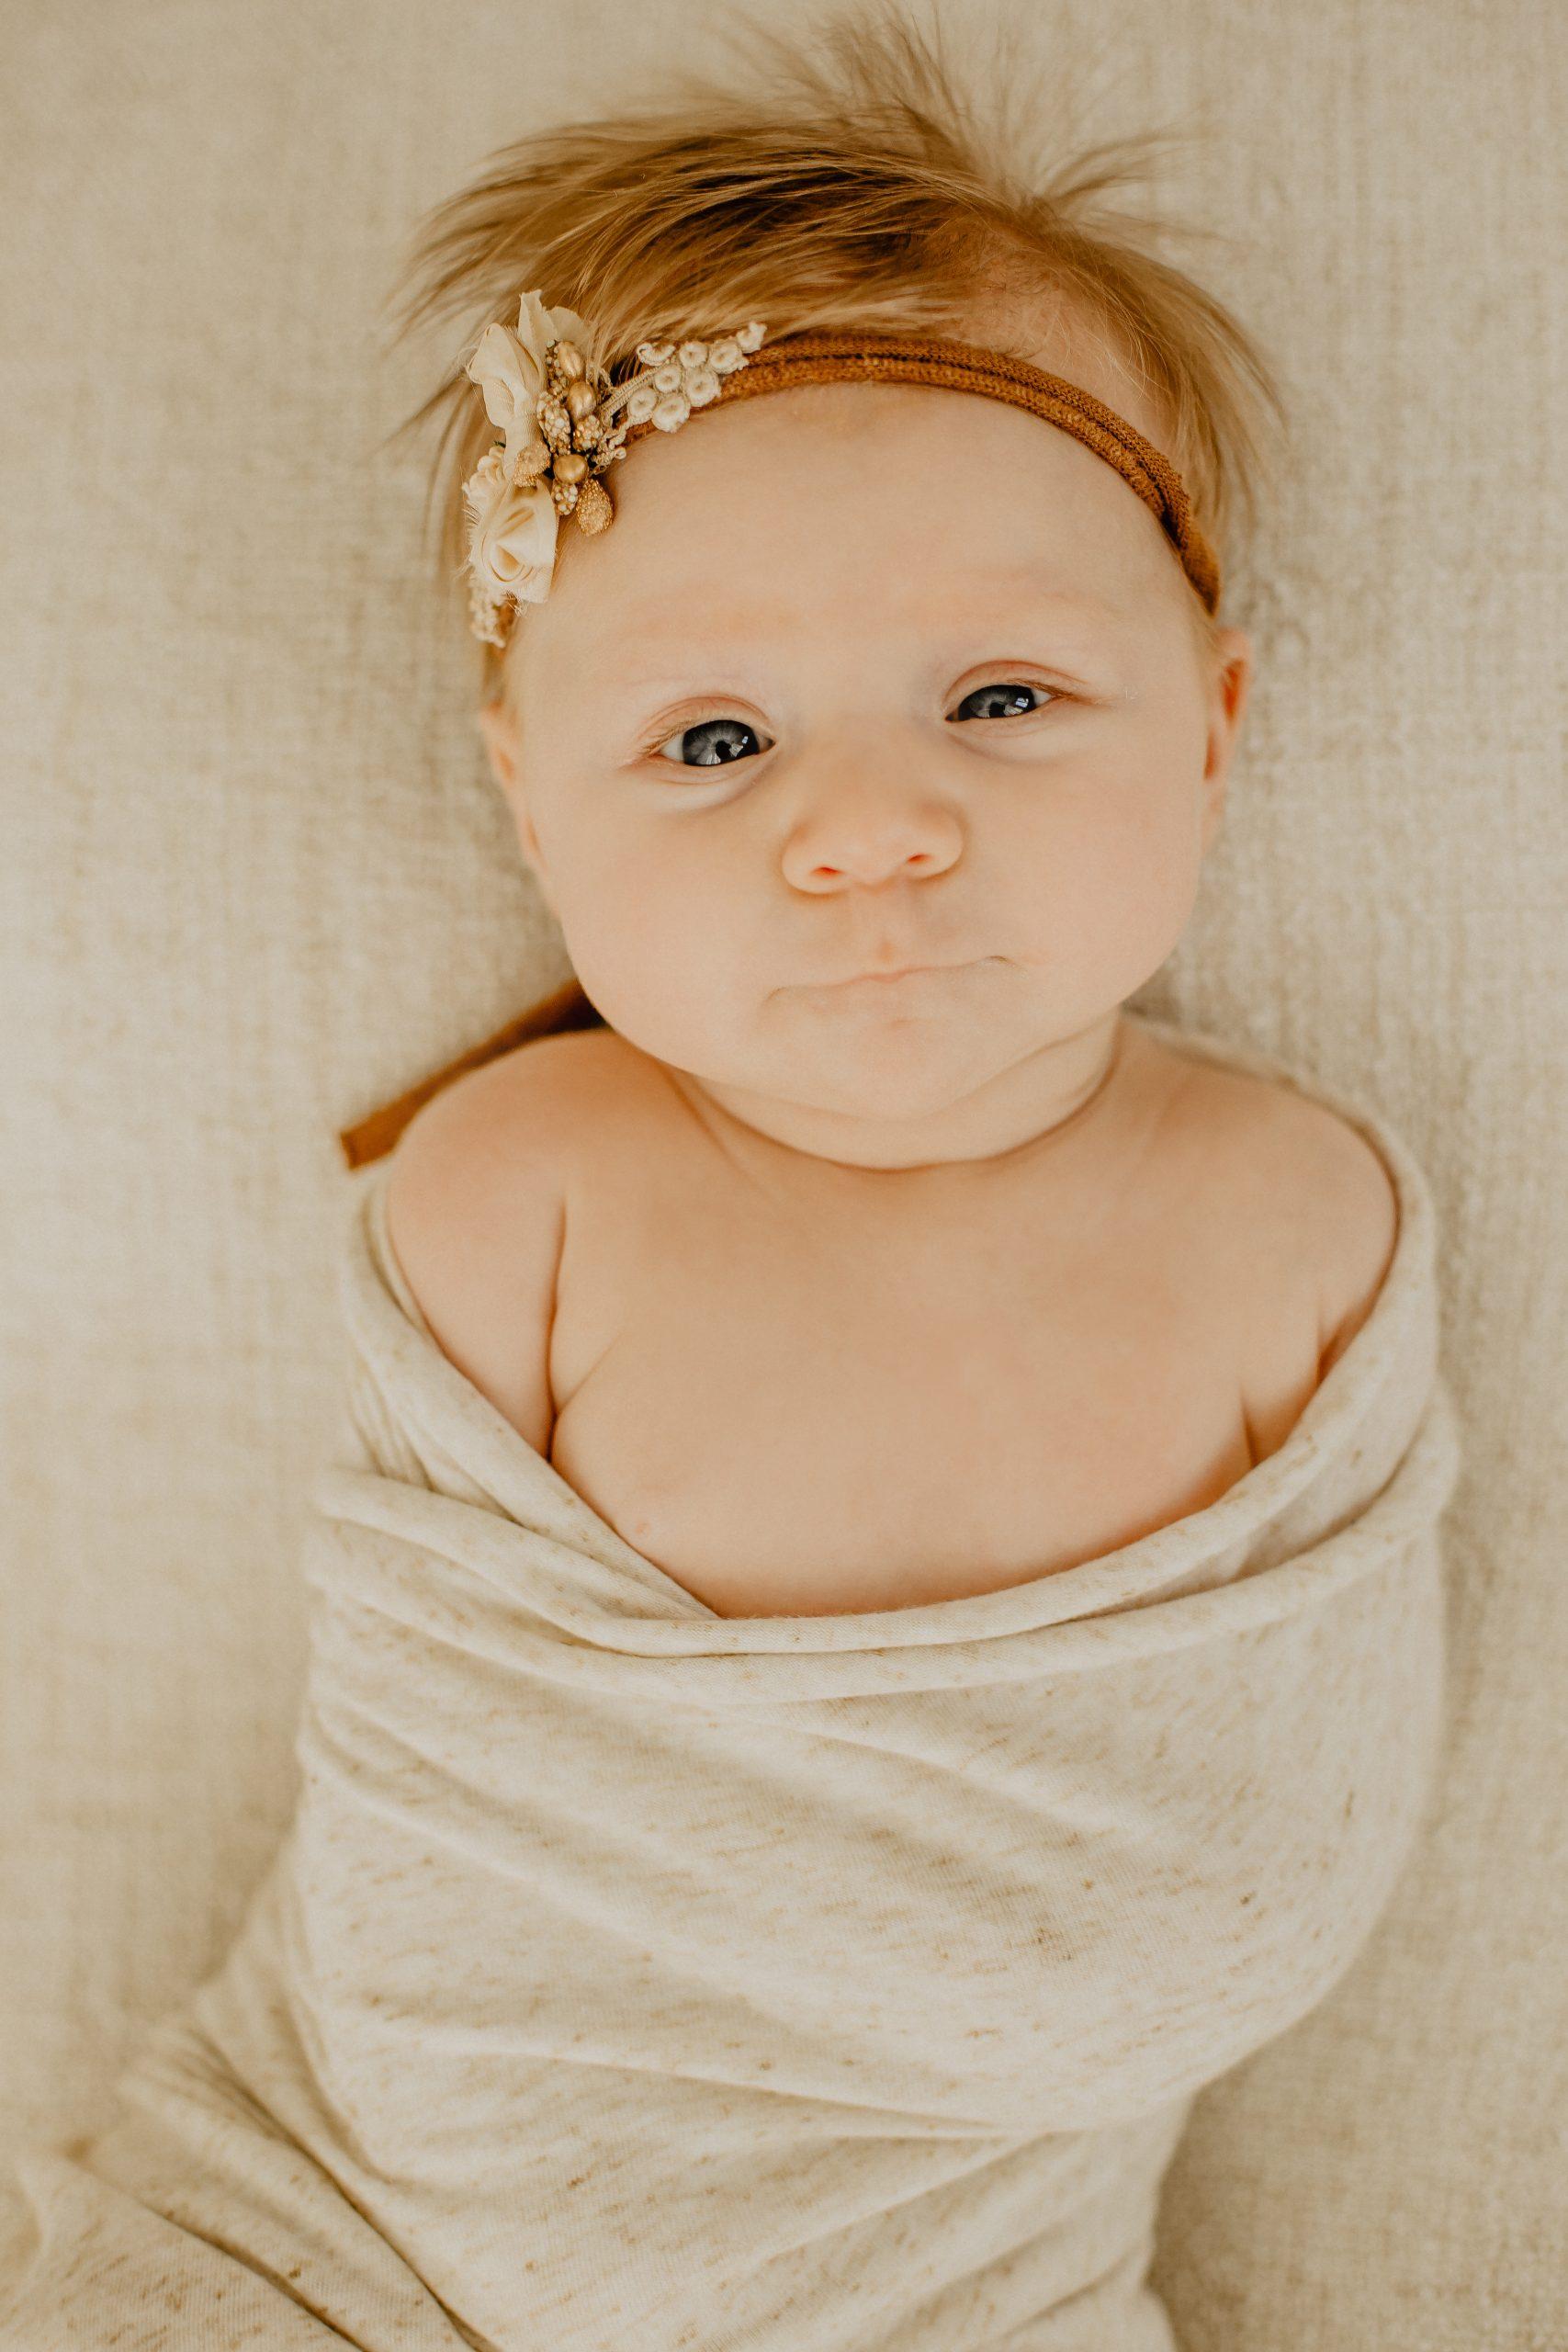 Virginie M. Photos-naissance-photos-studio-famille-portraits-séance famille-enfant-bébé-parents-Lille-Nord-Hauts de France-naturel-Croix-photographe-photographe Lille (5)